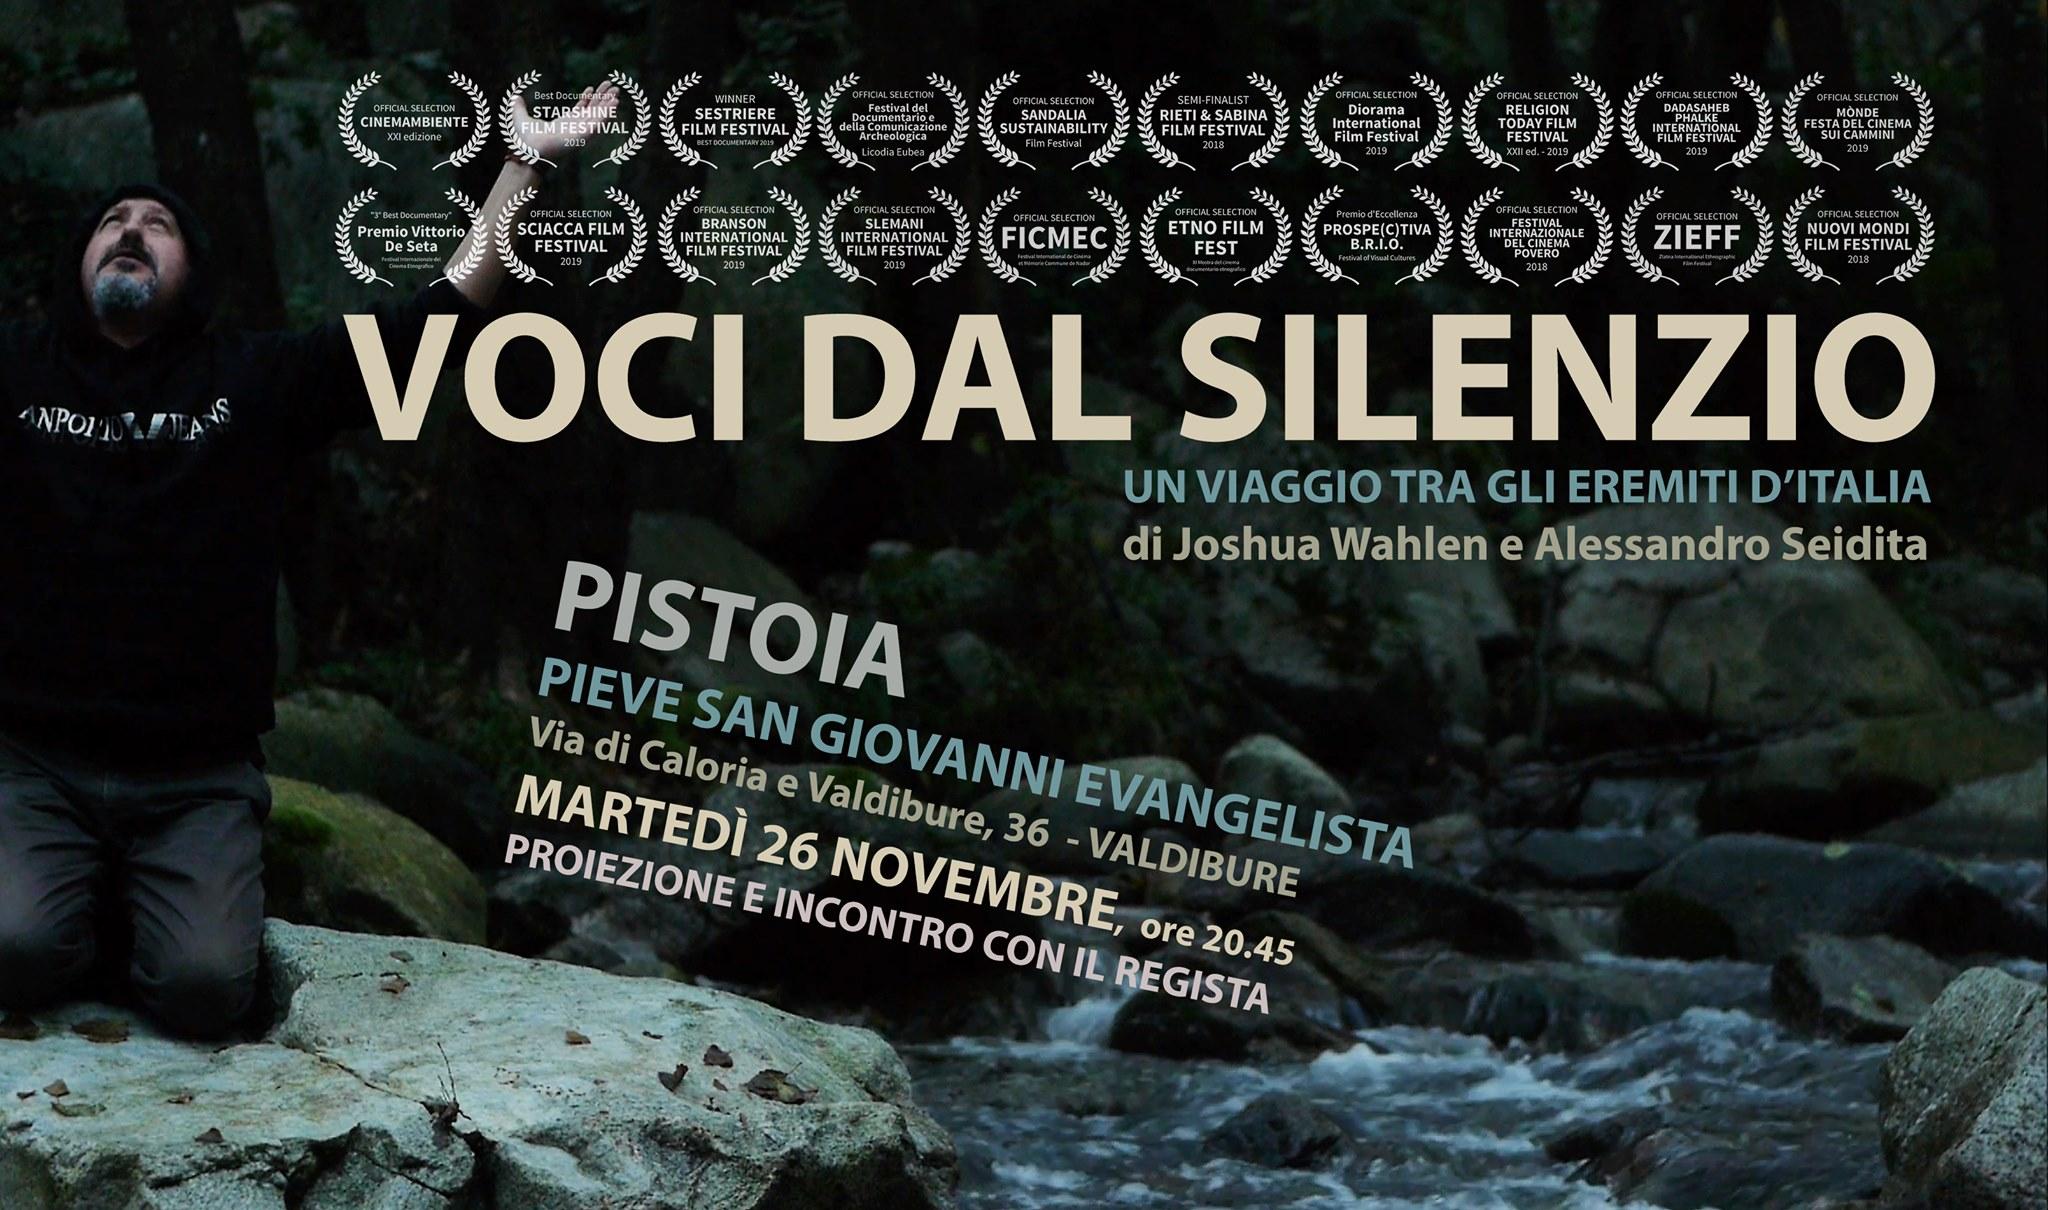 Voci dal Silenzio a Pistoia: proiezione e incontro col regista